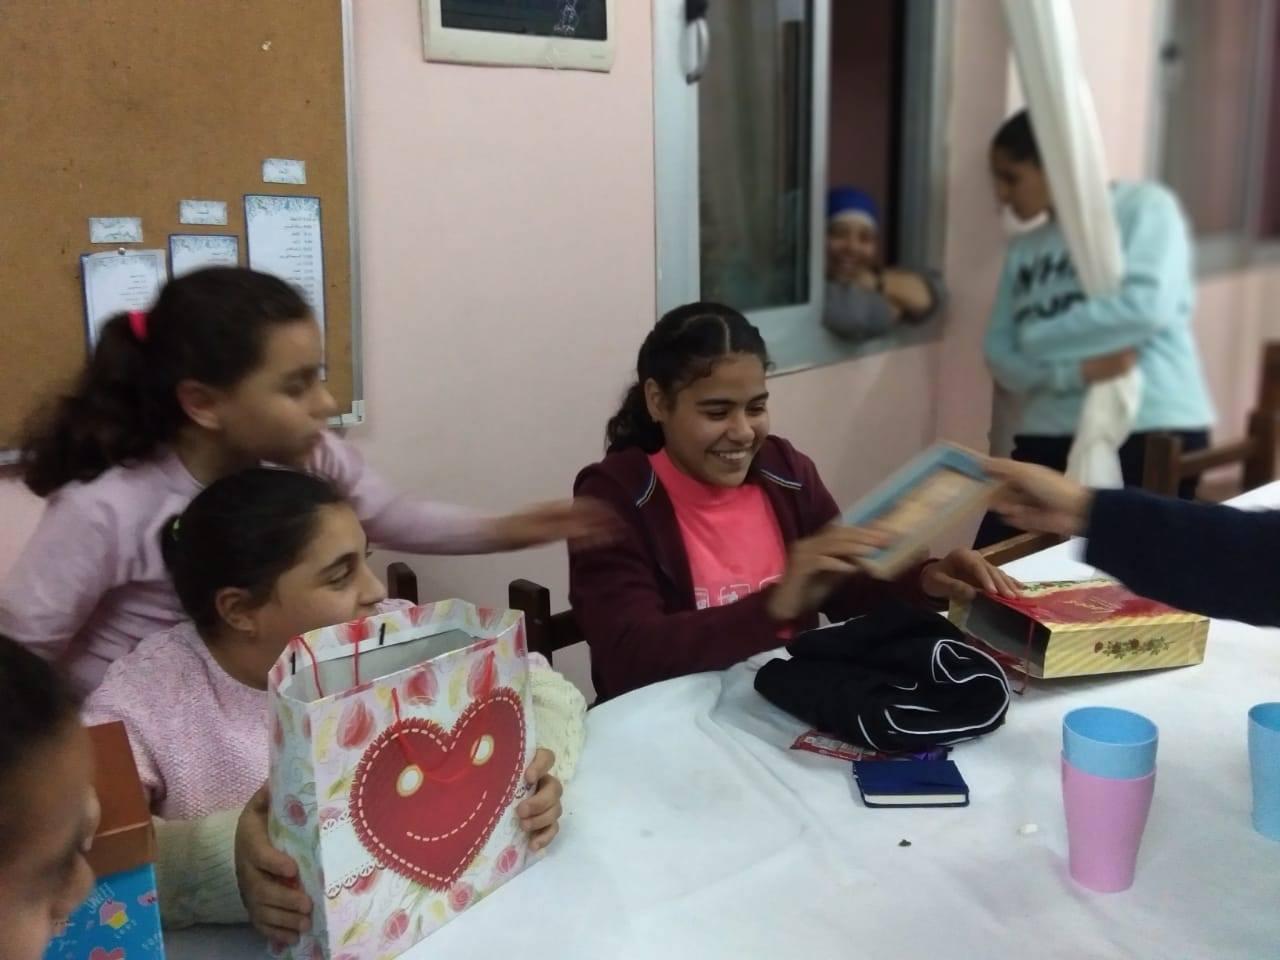 Egipto: Cumpleaños en el Hogar, El Cairo